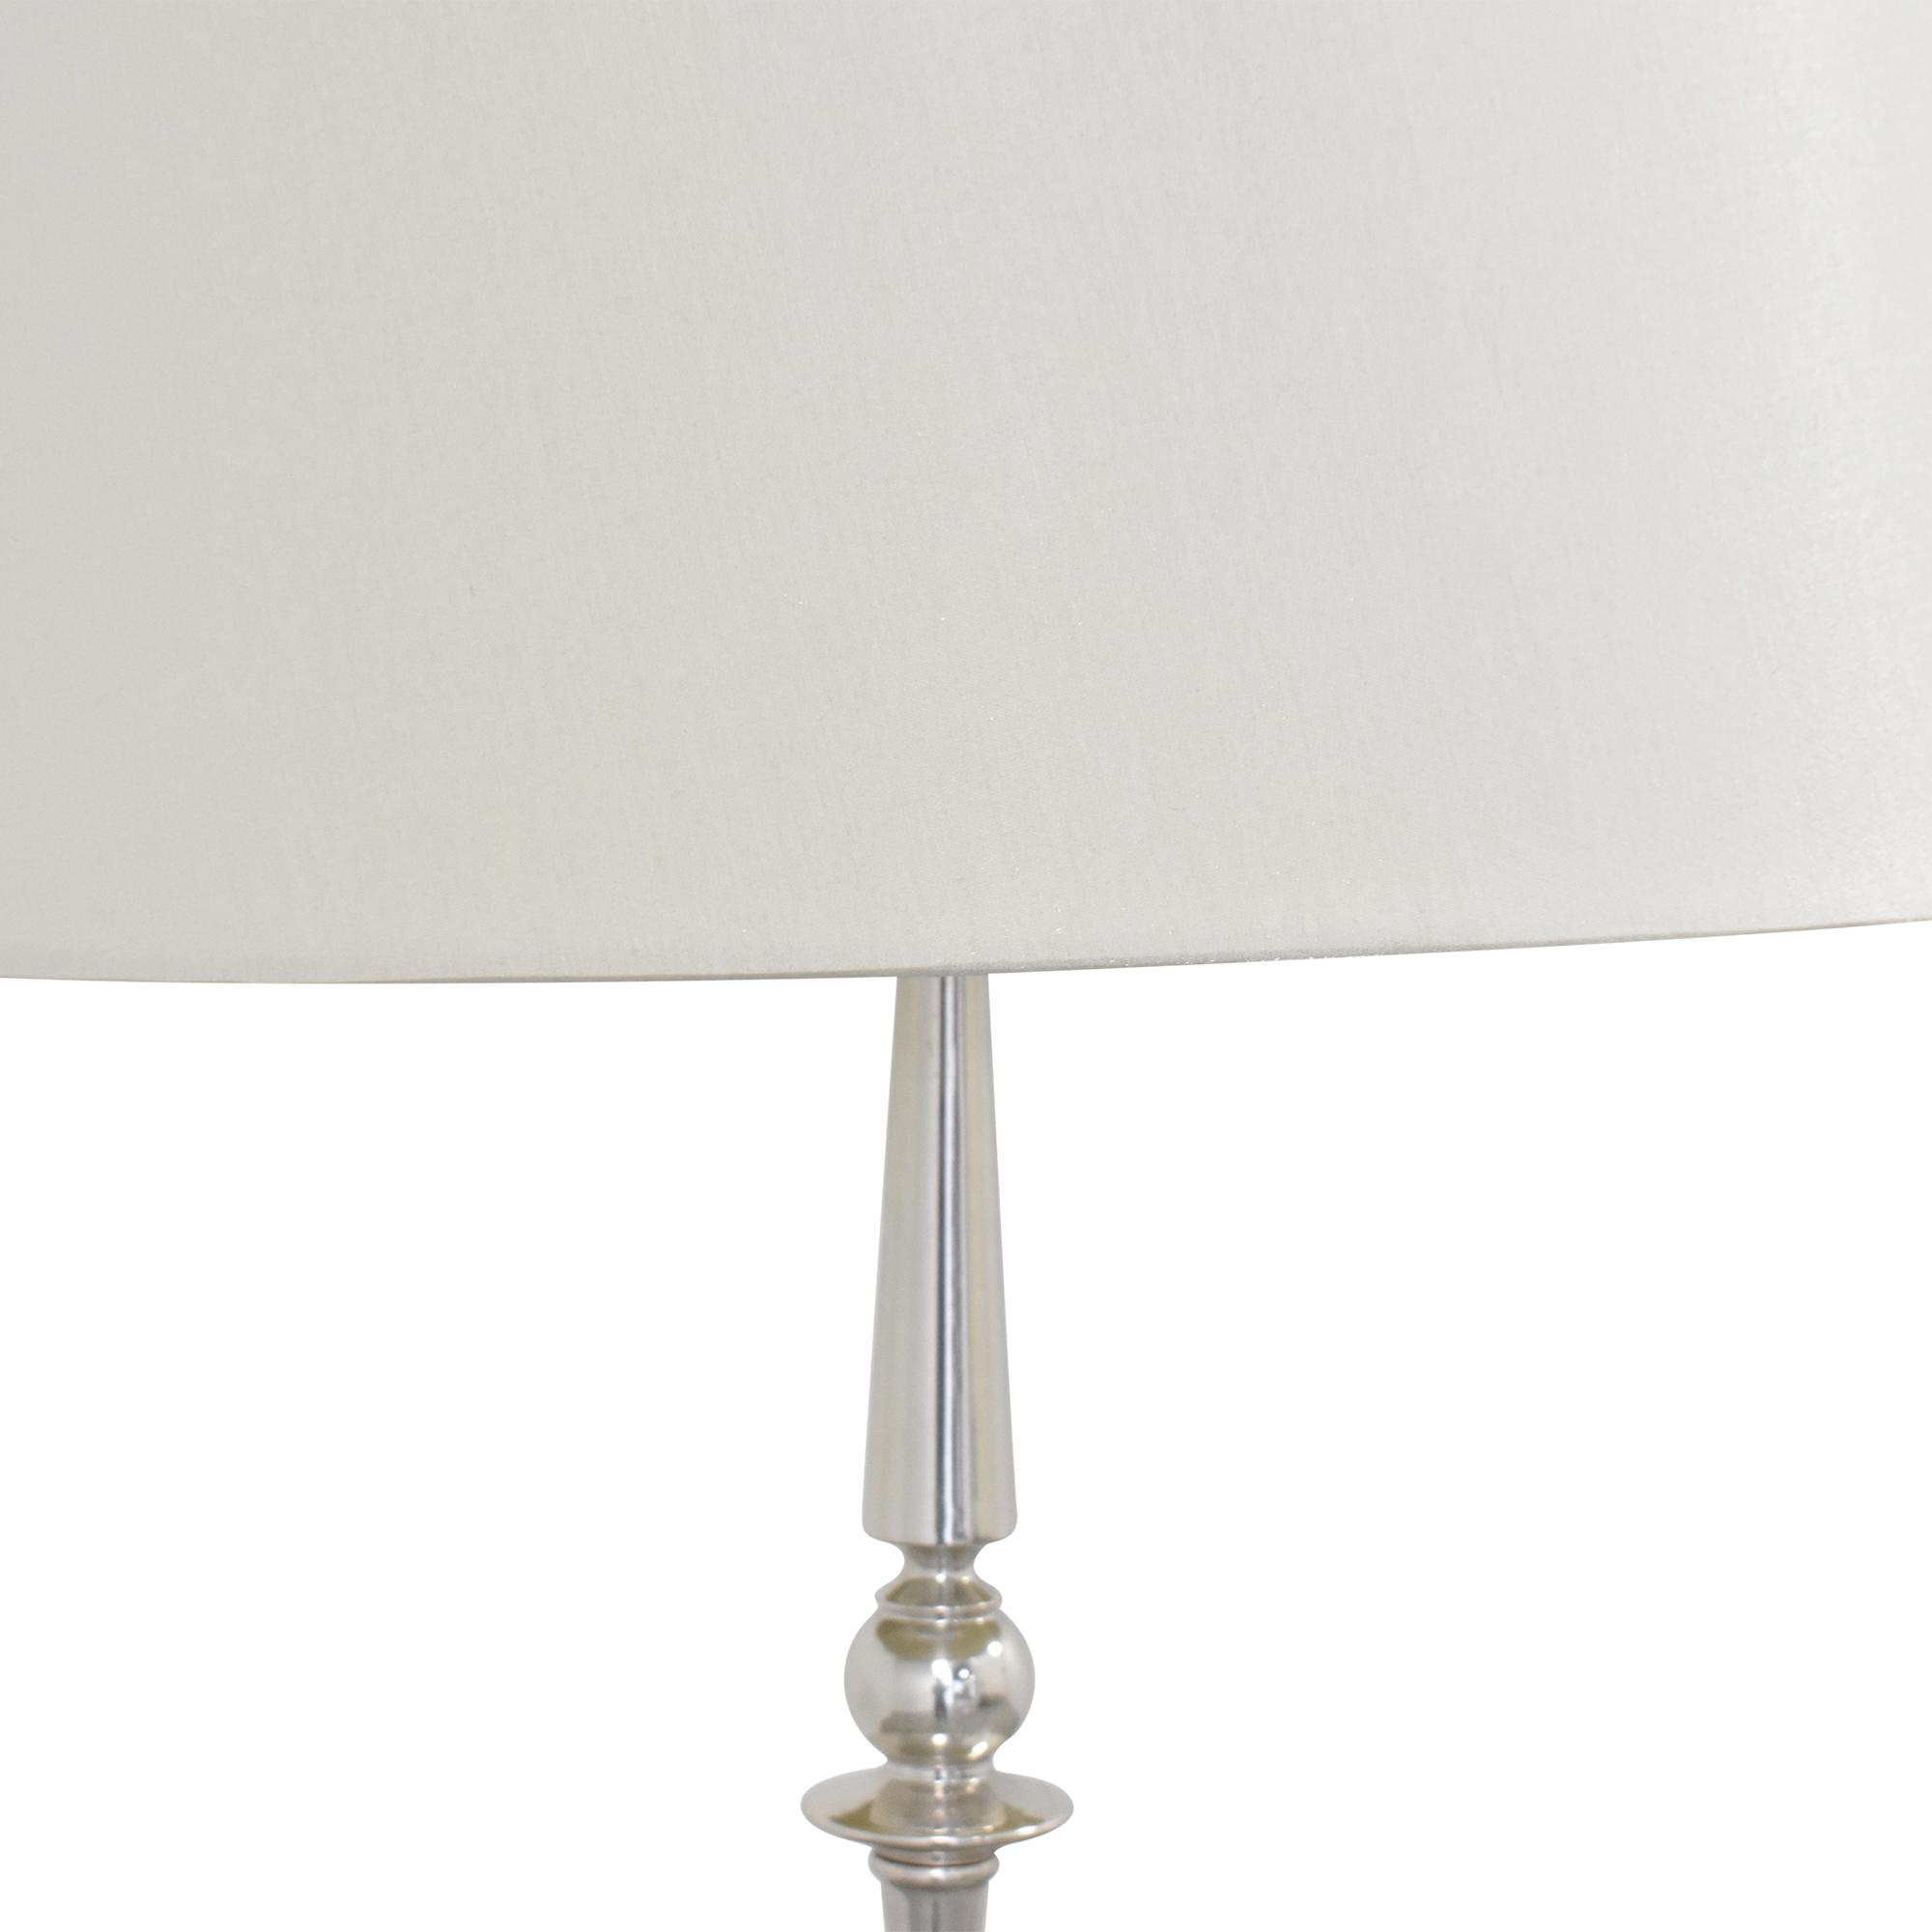 Arteriors Arteriors Floor Lamp nyc